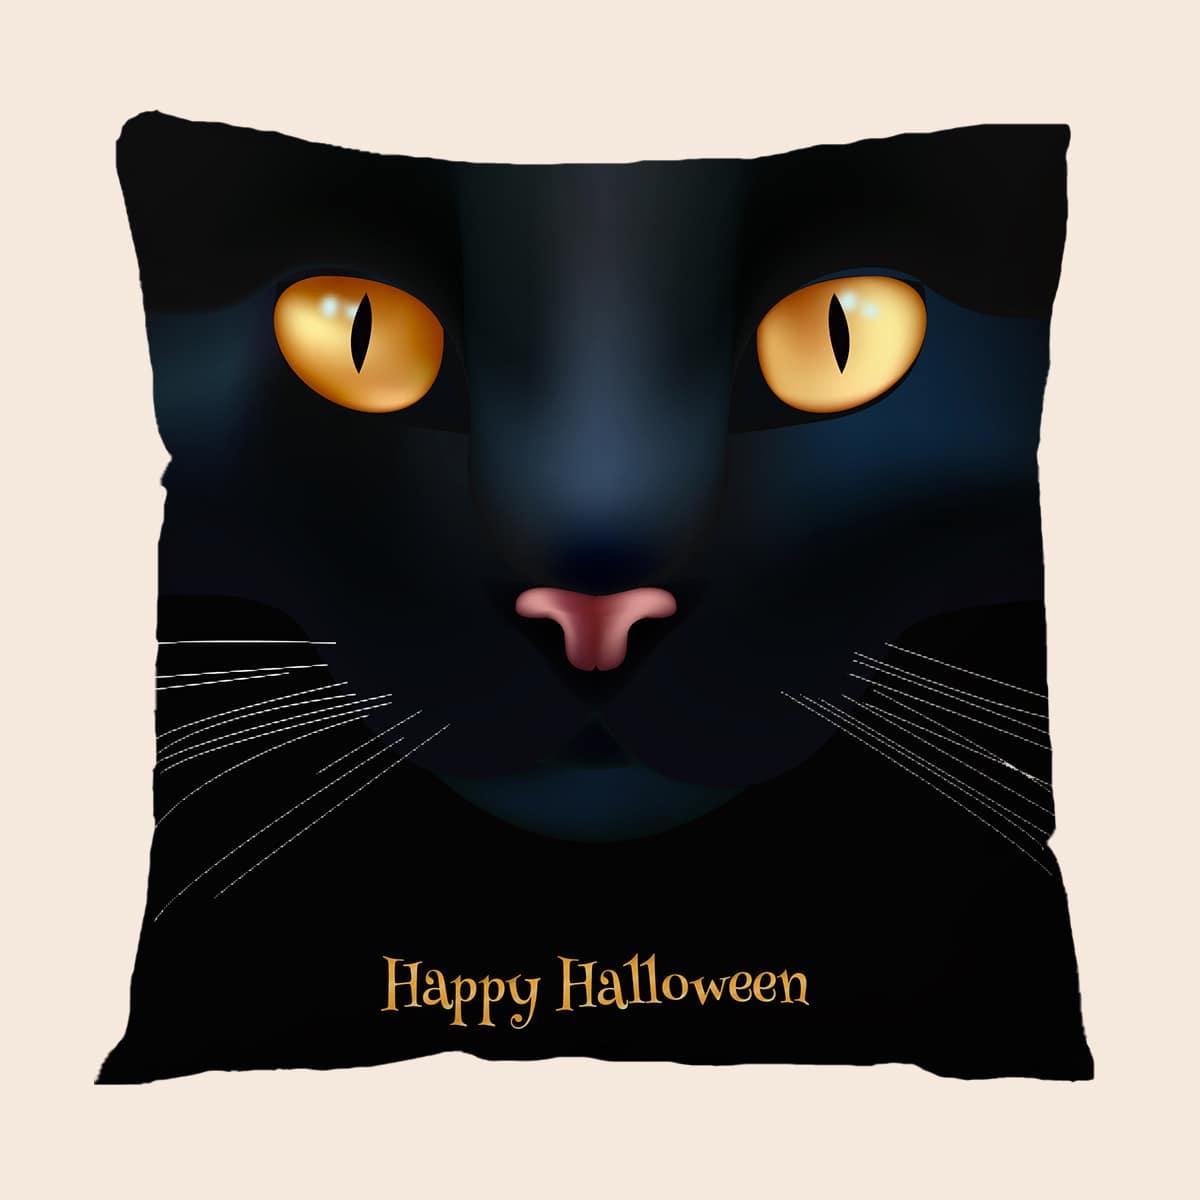 Чехол для подушки без наполнителя на хэллоуин с принтом кошки и буквы